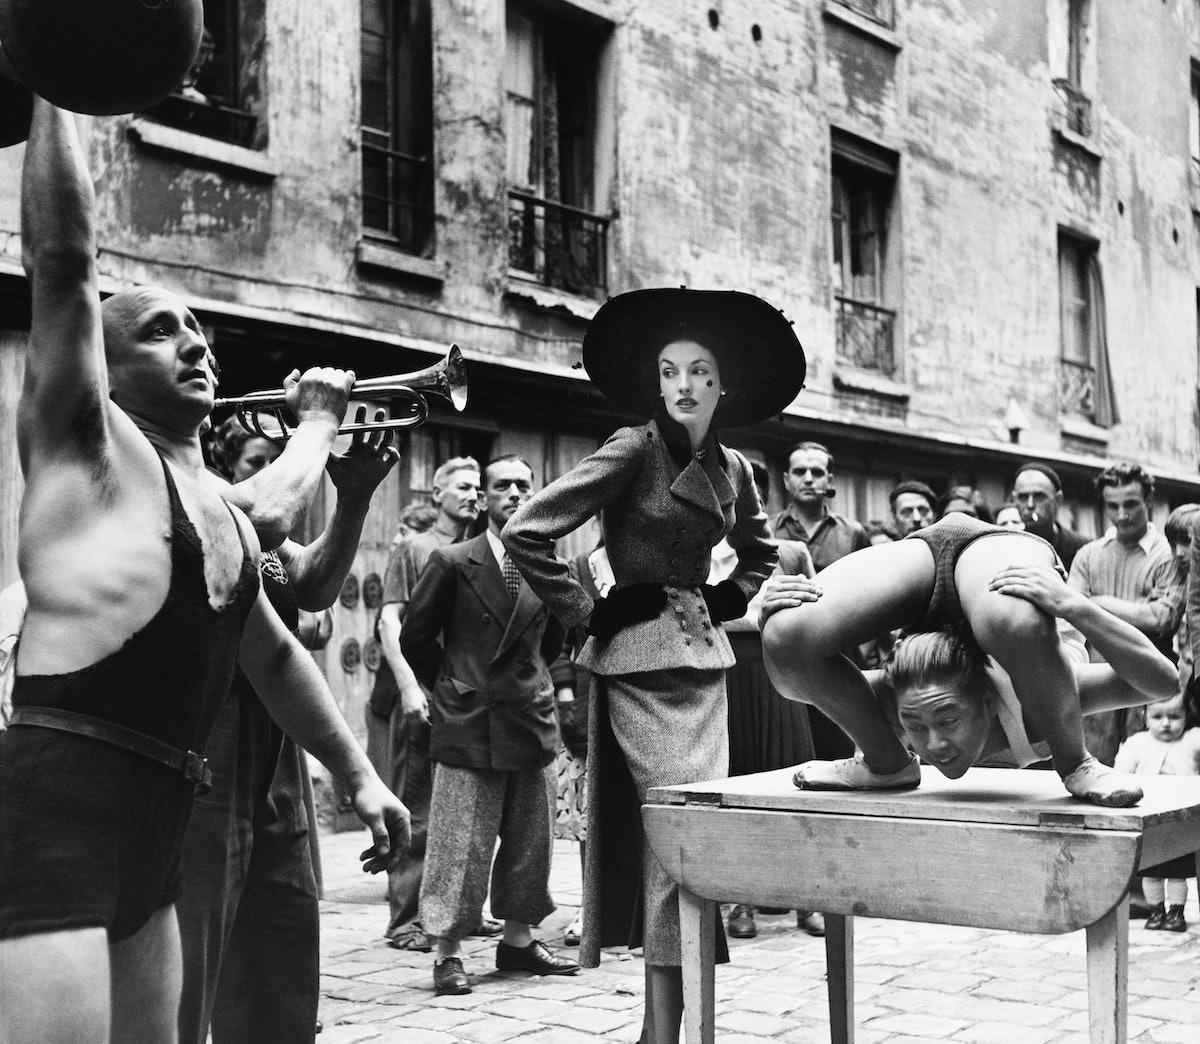 Elise_Daniels_with_street_performers_suit_by_Balenciaga_Le_Marais_Paris_1948._Photograph_by_Richard_...